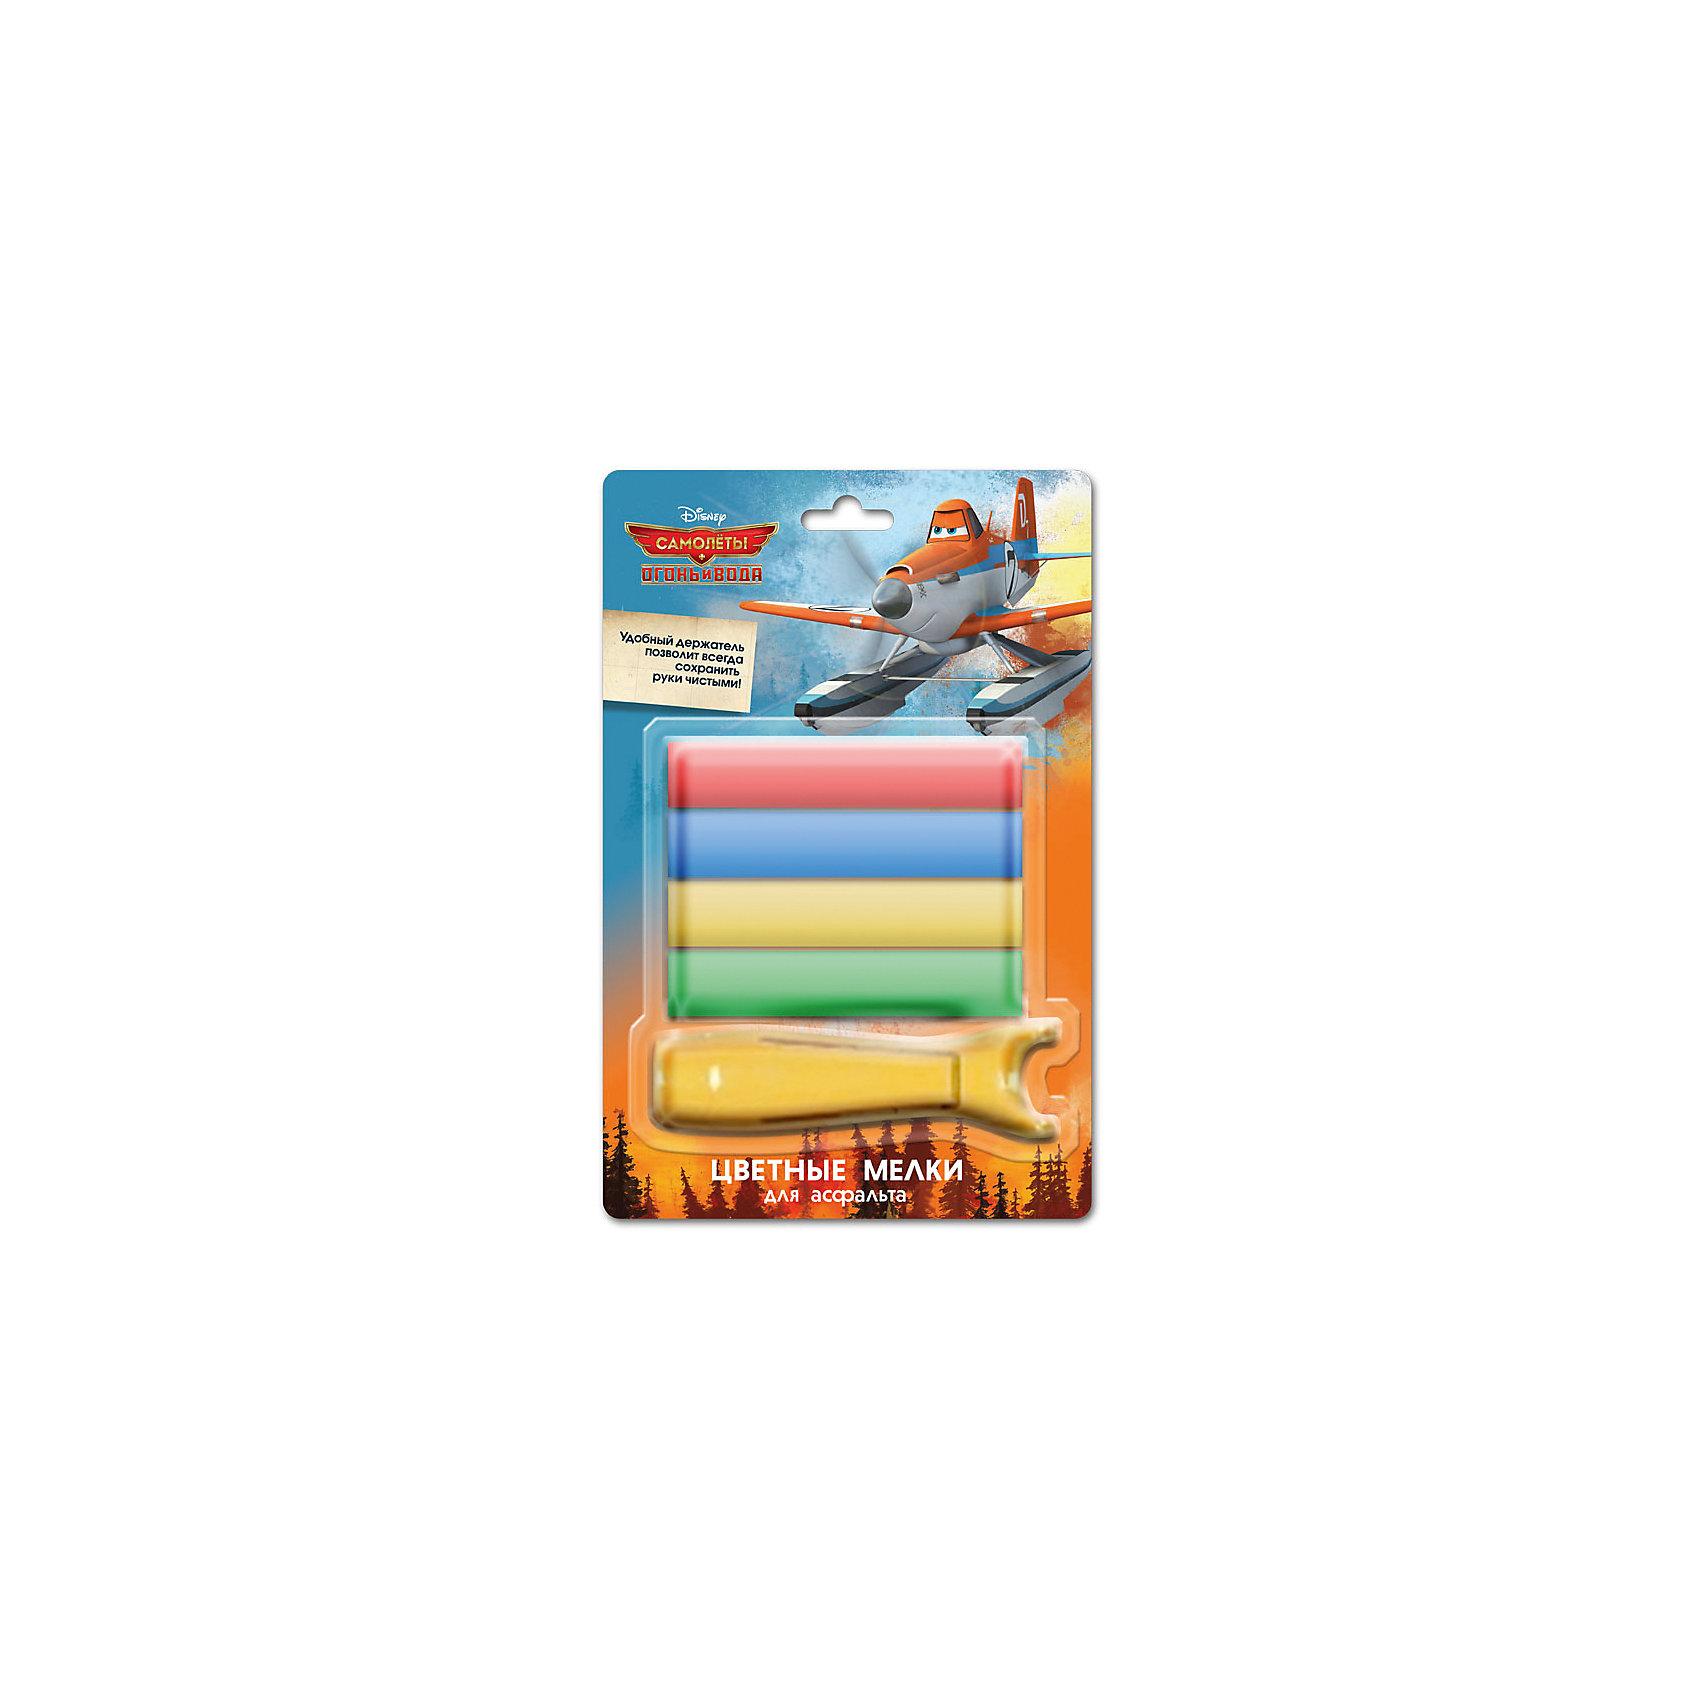 Мел (4 шт) для асфальта с держателем, Disney СамолетыСамолеты<br>Набор Мел (4 шт) для асфальта с держателем, Disney (Дисней) Самолеты позволит ребенку воплотить все свои художественные замыслы на асфальте. В упаковке, оформленной по мотивам диснеевского мультфильма «Самолеты», Вы найдете 4 мелка насыщенных оттенков (красный, синий, желтый, зеленый), а также удобный держатель для них. Теперь гораздо комфортнее рисовать и сложнее испачкаться. Утолщенная форма мелков идеально подходит для маленьких детских ручек. Рисование мелками на асфальте – веселое и увлекательное занятие, которое способствует познанию мира ребенком, развитию творческих навыков, моторики, цветовосприятия. <br><br>Комплектация: 4 мелка, держатель<br><br>Дополнительная информация:<br>-Размеры в упаковке (ДхШхВ): 30х80х130 мм<br>-Вес в упаковке: 194 г<br>-Материалы: мел<br><br>Разноцветные мелки пригодятся для игры в классики, помогут ребенку создать прекрасные рисунки на асфальте или доске. <br><br>Мел (4 шт) для асфальта с держателем, Disney (Дисней) Самолеты можно купить в нашем магазине.<br><br>Ширина мм: 30<br>Глубина мм: 80<br>Высота мм: 130<br>Вес г: 194<br>Возраст от месяцев: 48<br>Возраст до месяцев: 144<br>Пол: Мужской<br>Возраст: Детский<br>SKU: 4014034